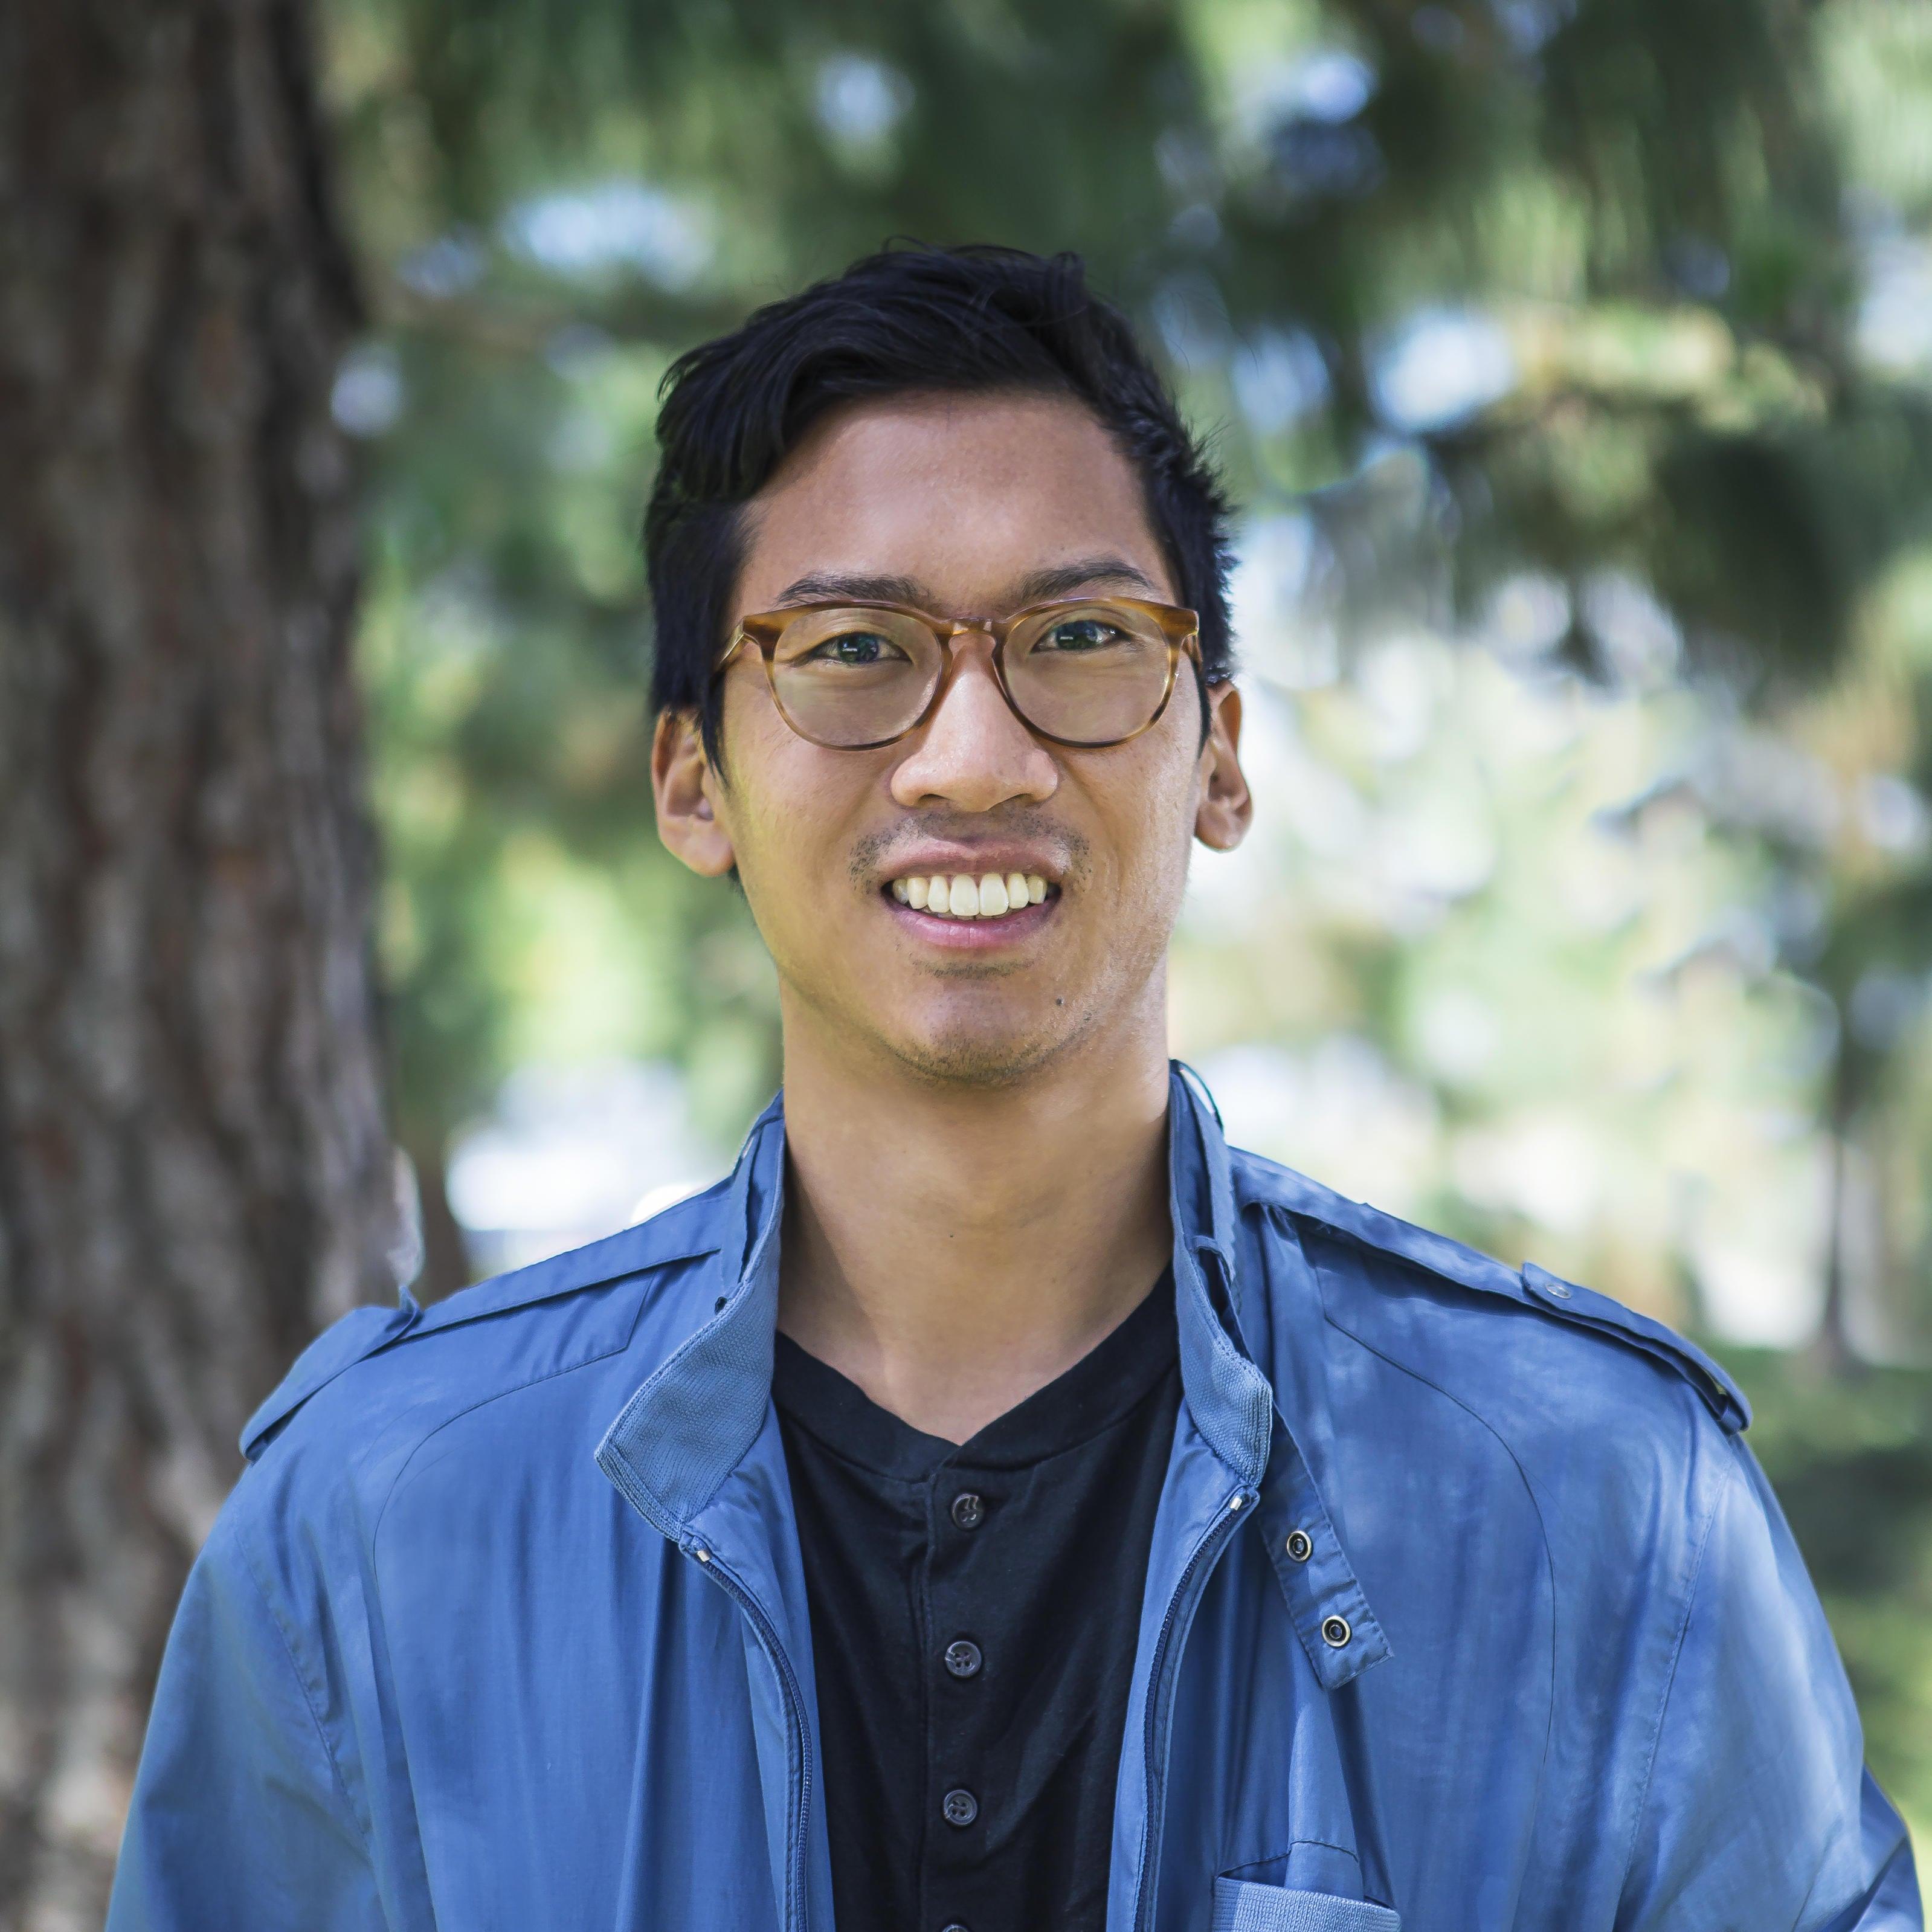 Andrew  photo